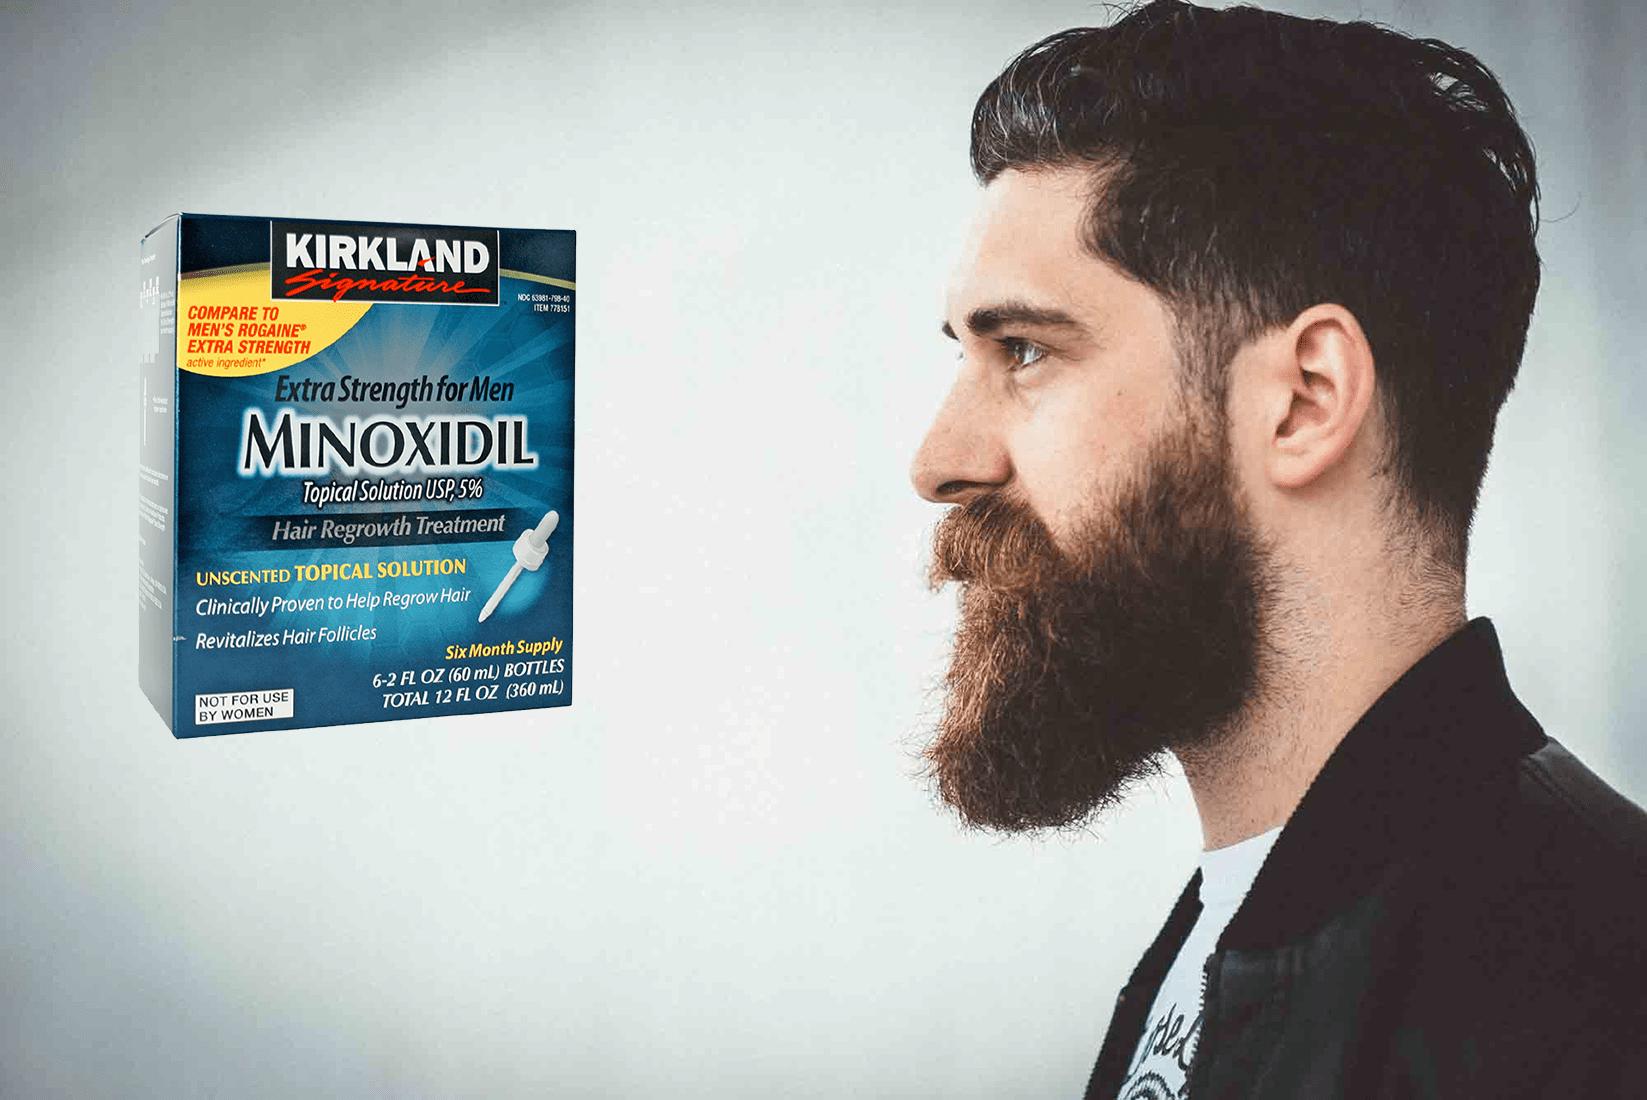 Миноксидил для роста волос ‒ роскошная шевелюра, борода уже после одного месяца применения